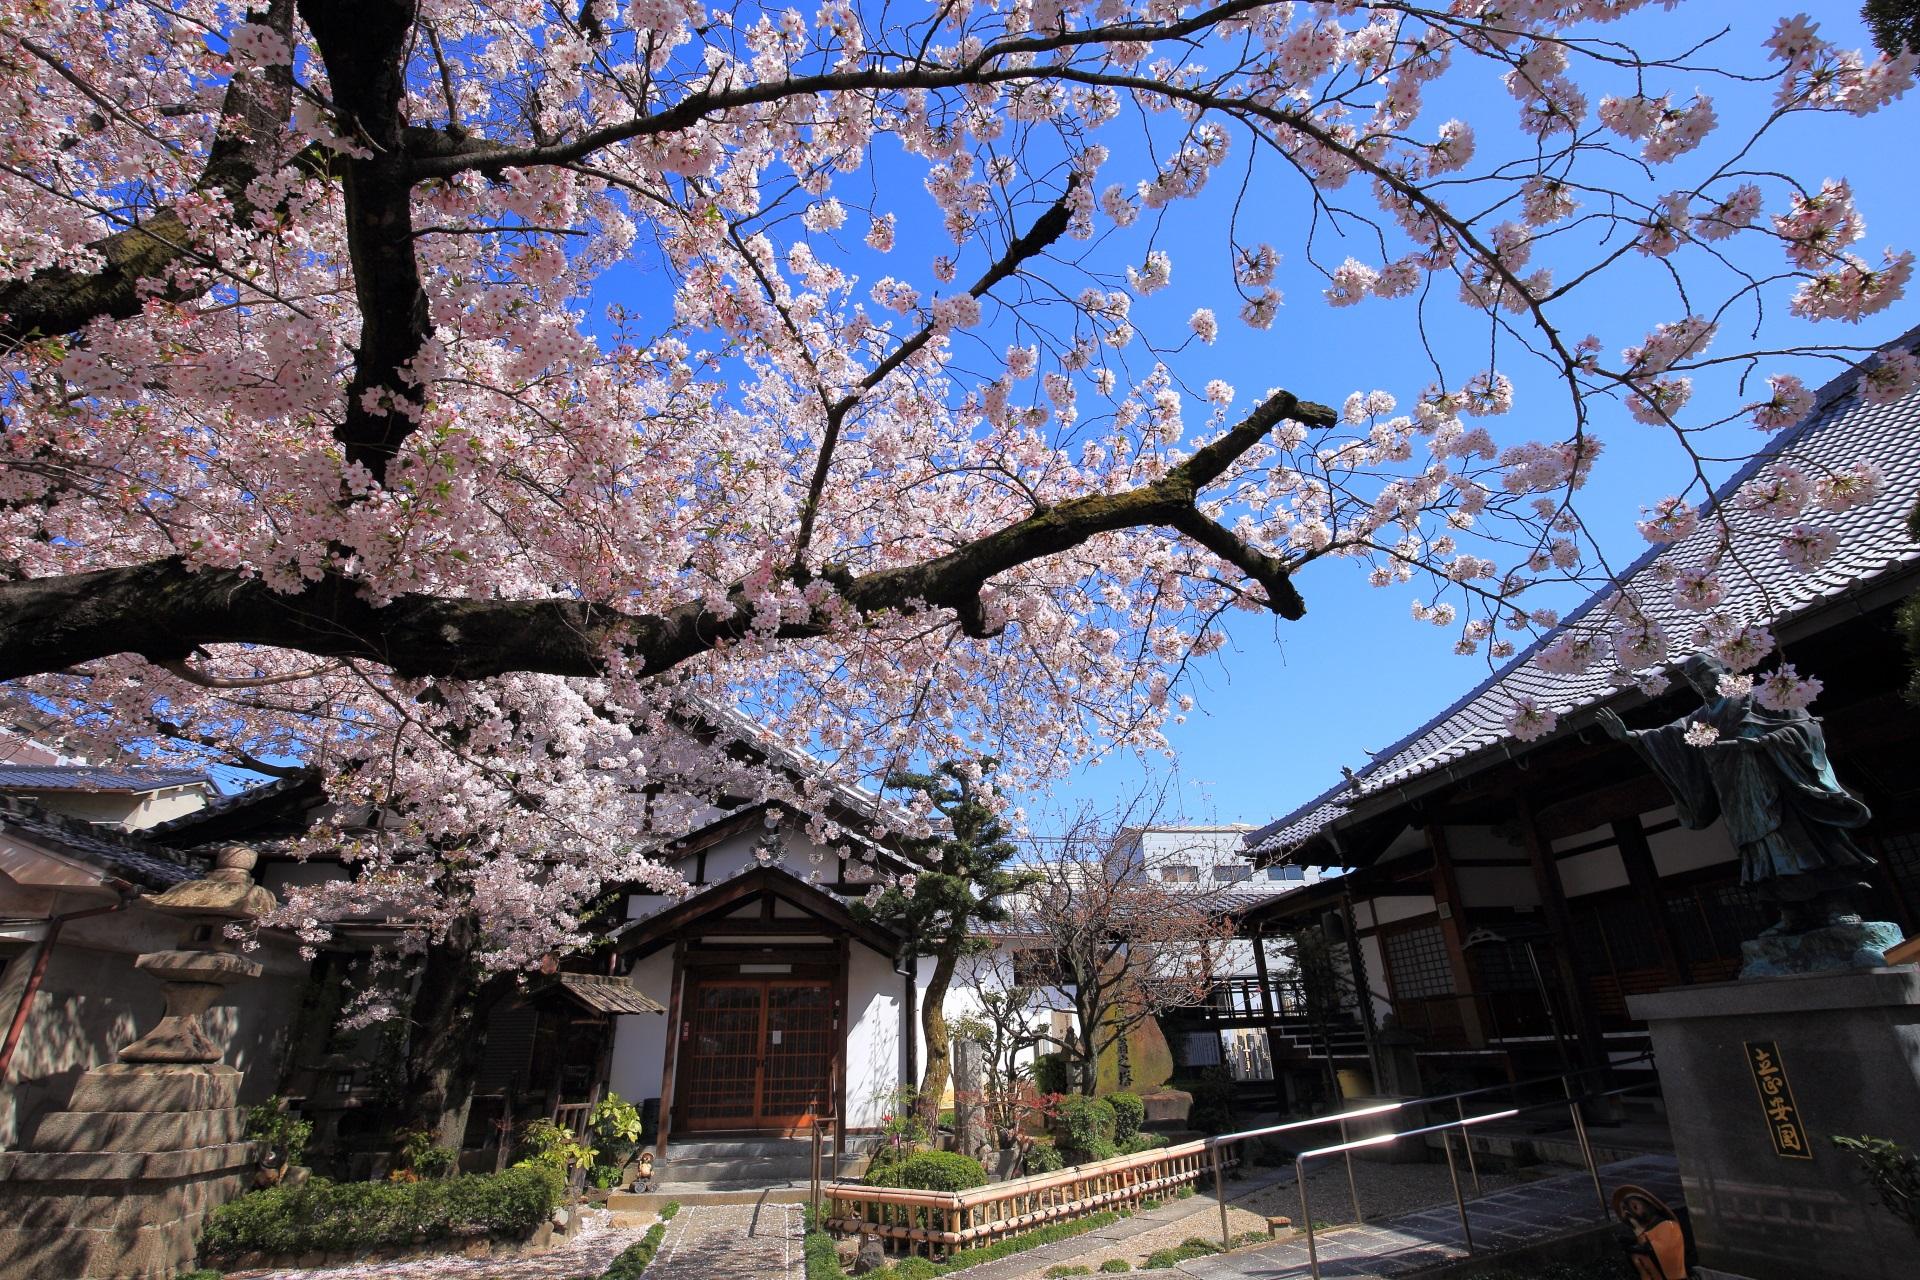 墨染寺の桜と枝